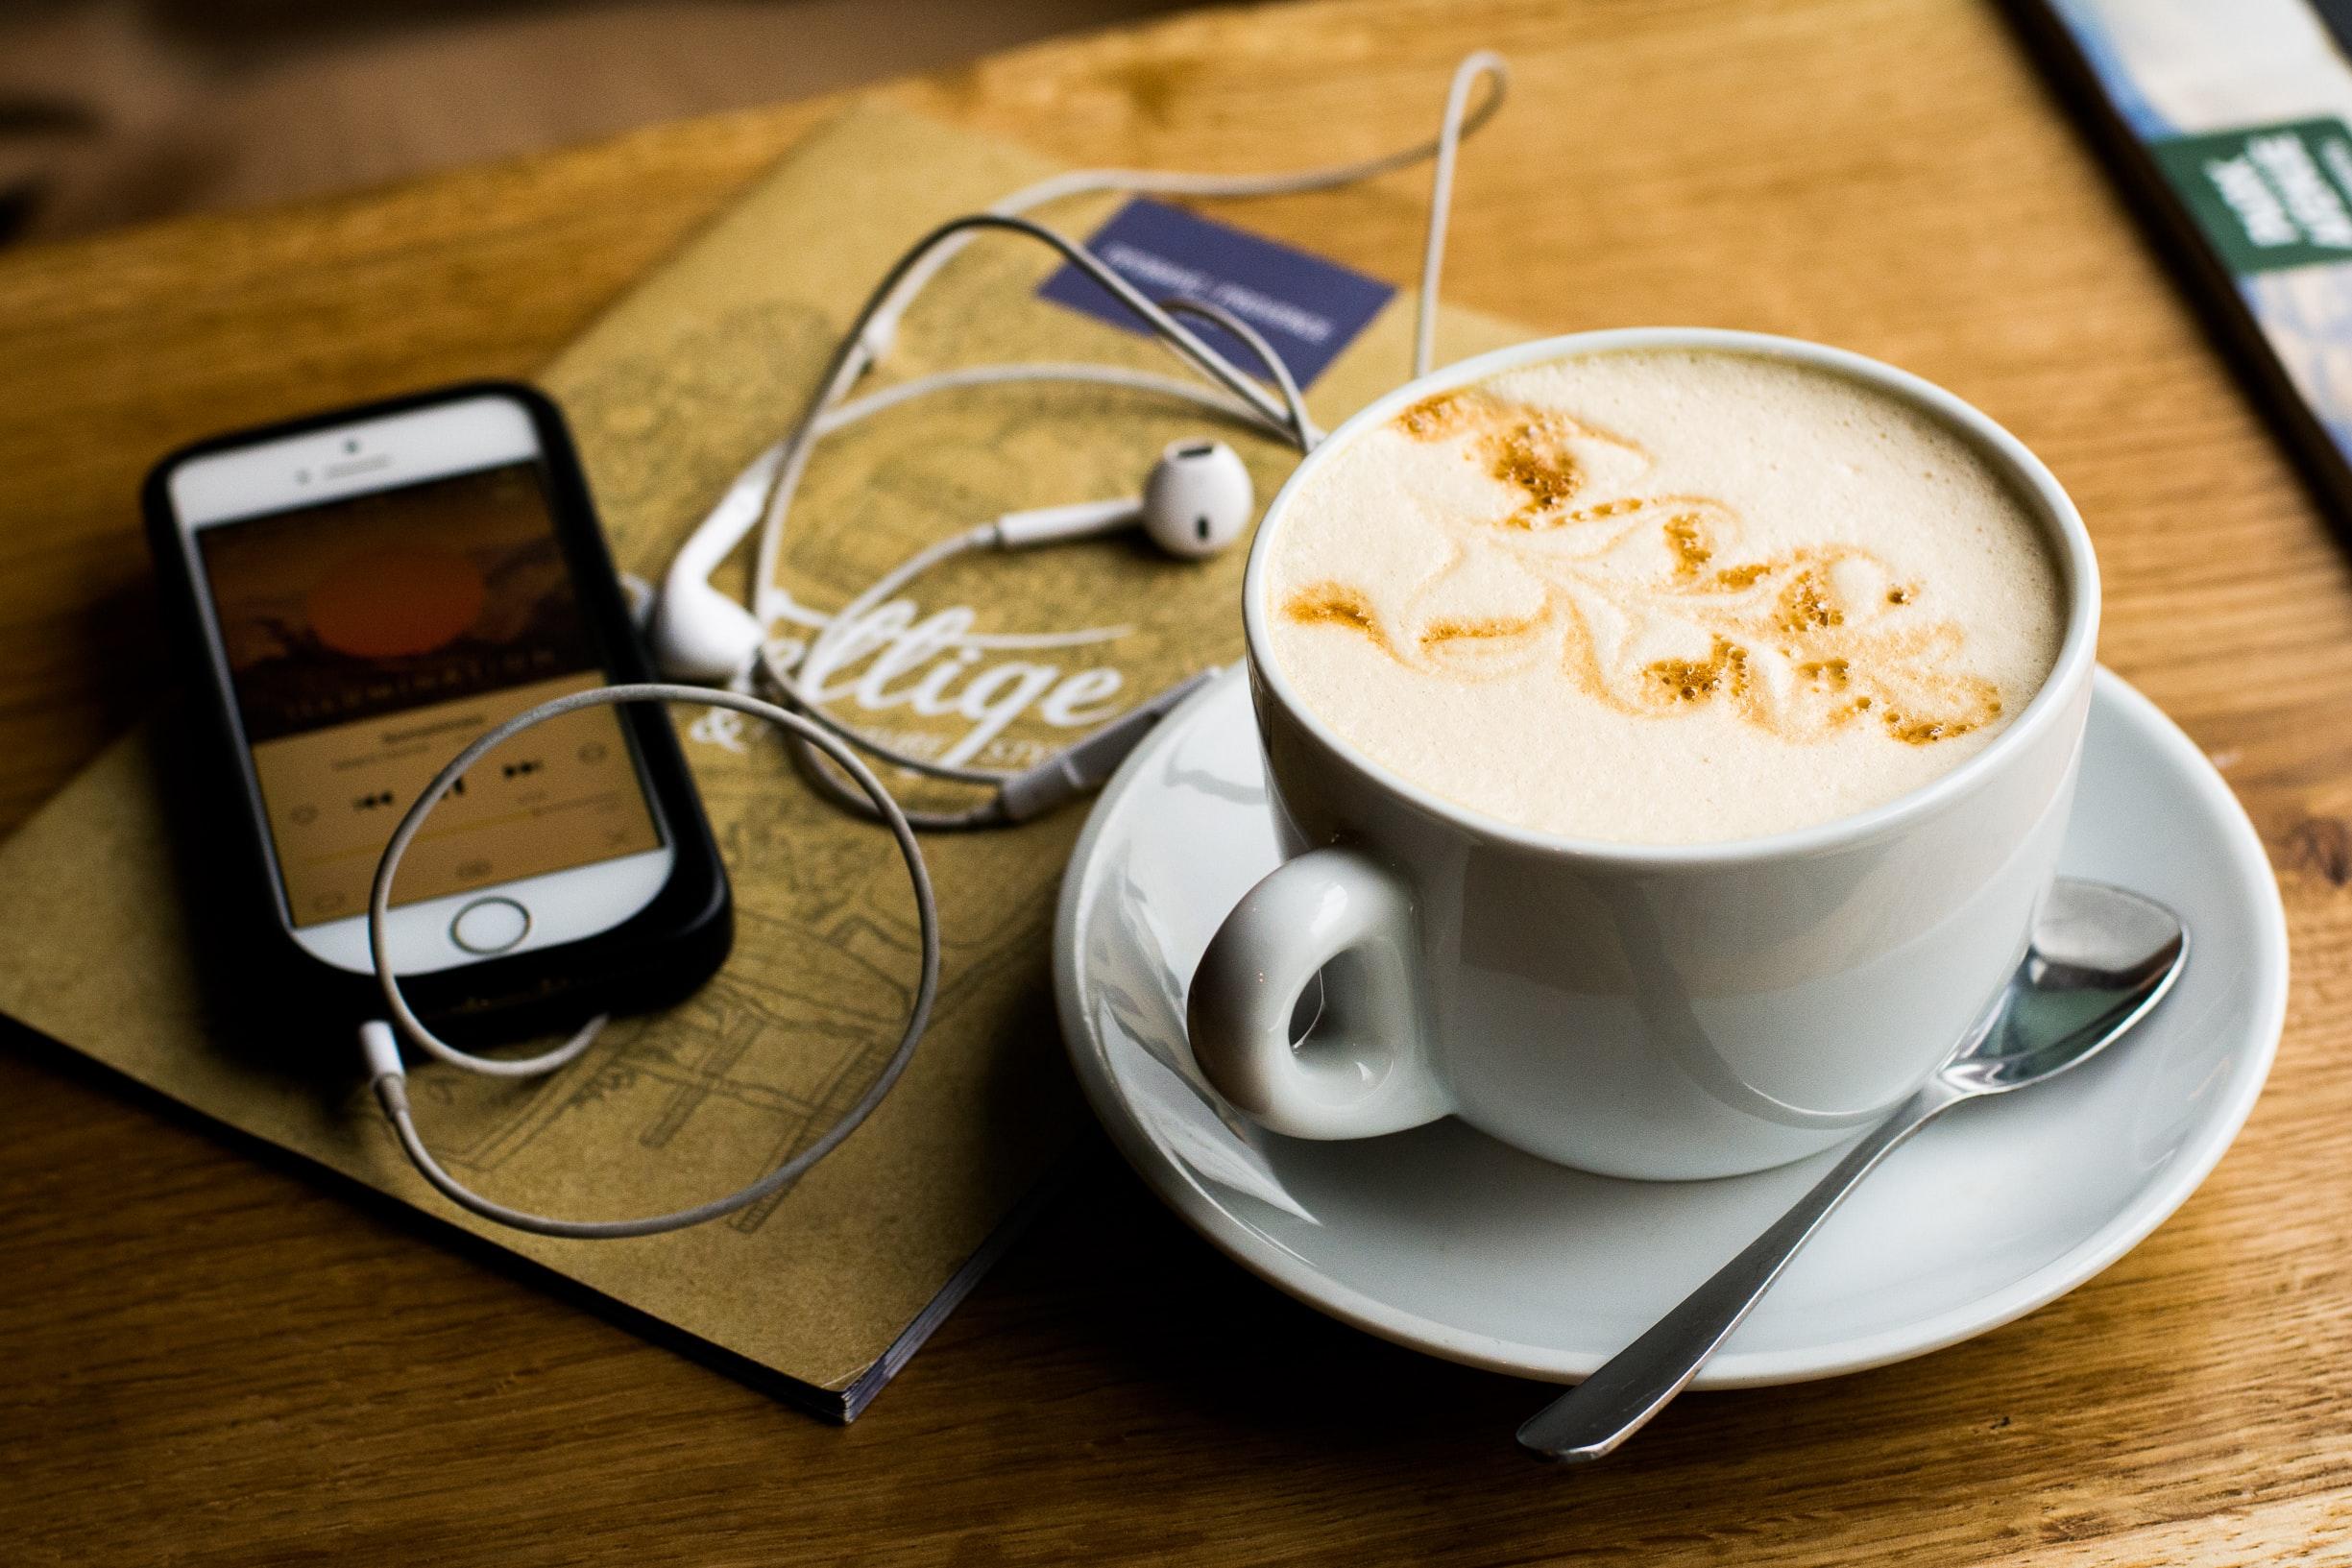 Le podcast comme nouveau moyen de communication pour son entreprise